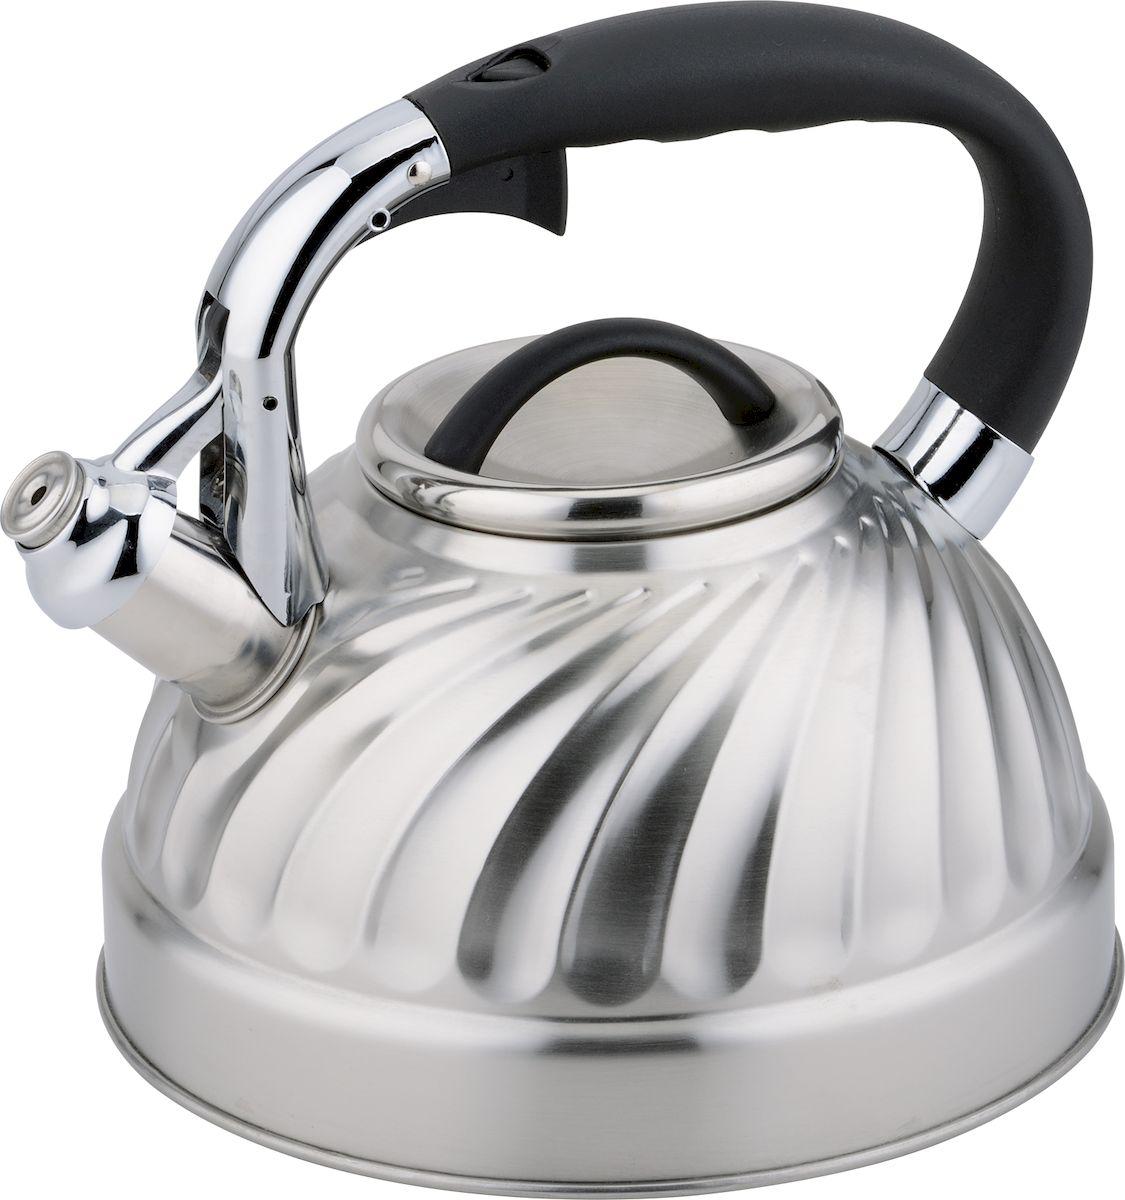 Чайник  Rainstahl , со свистком, 3 л. 7633-30RS\WK - Посуда для приготовления